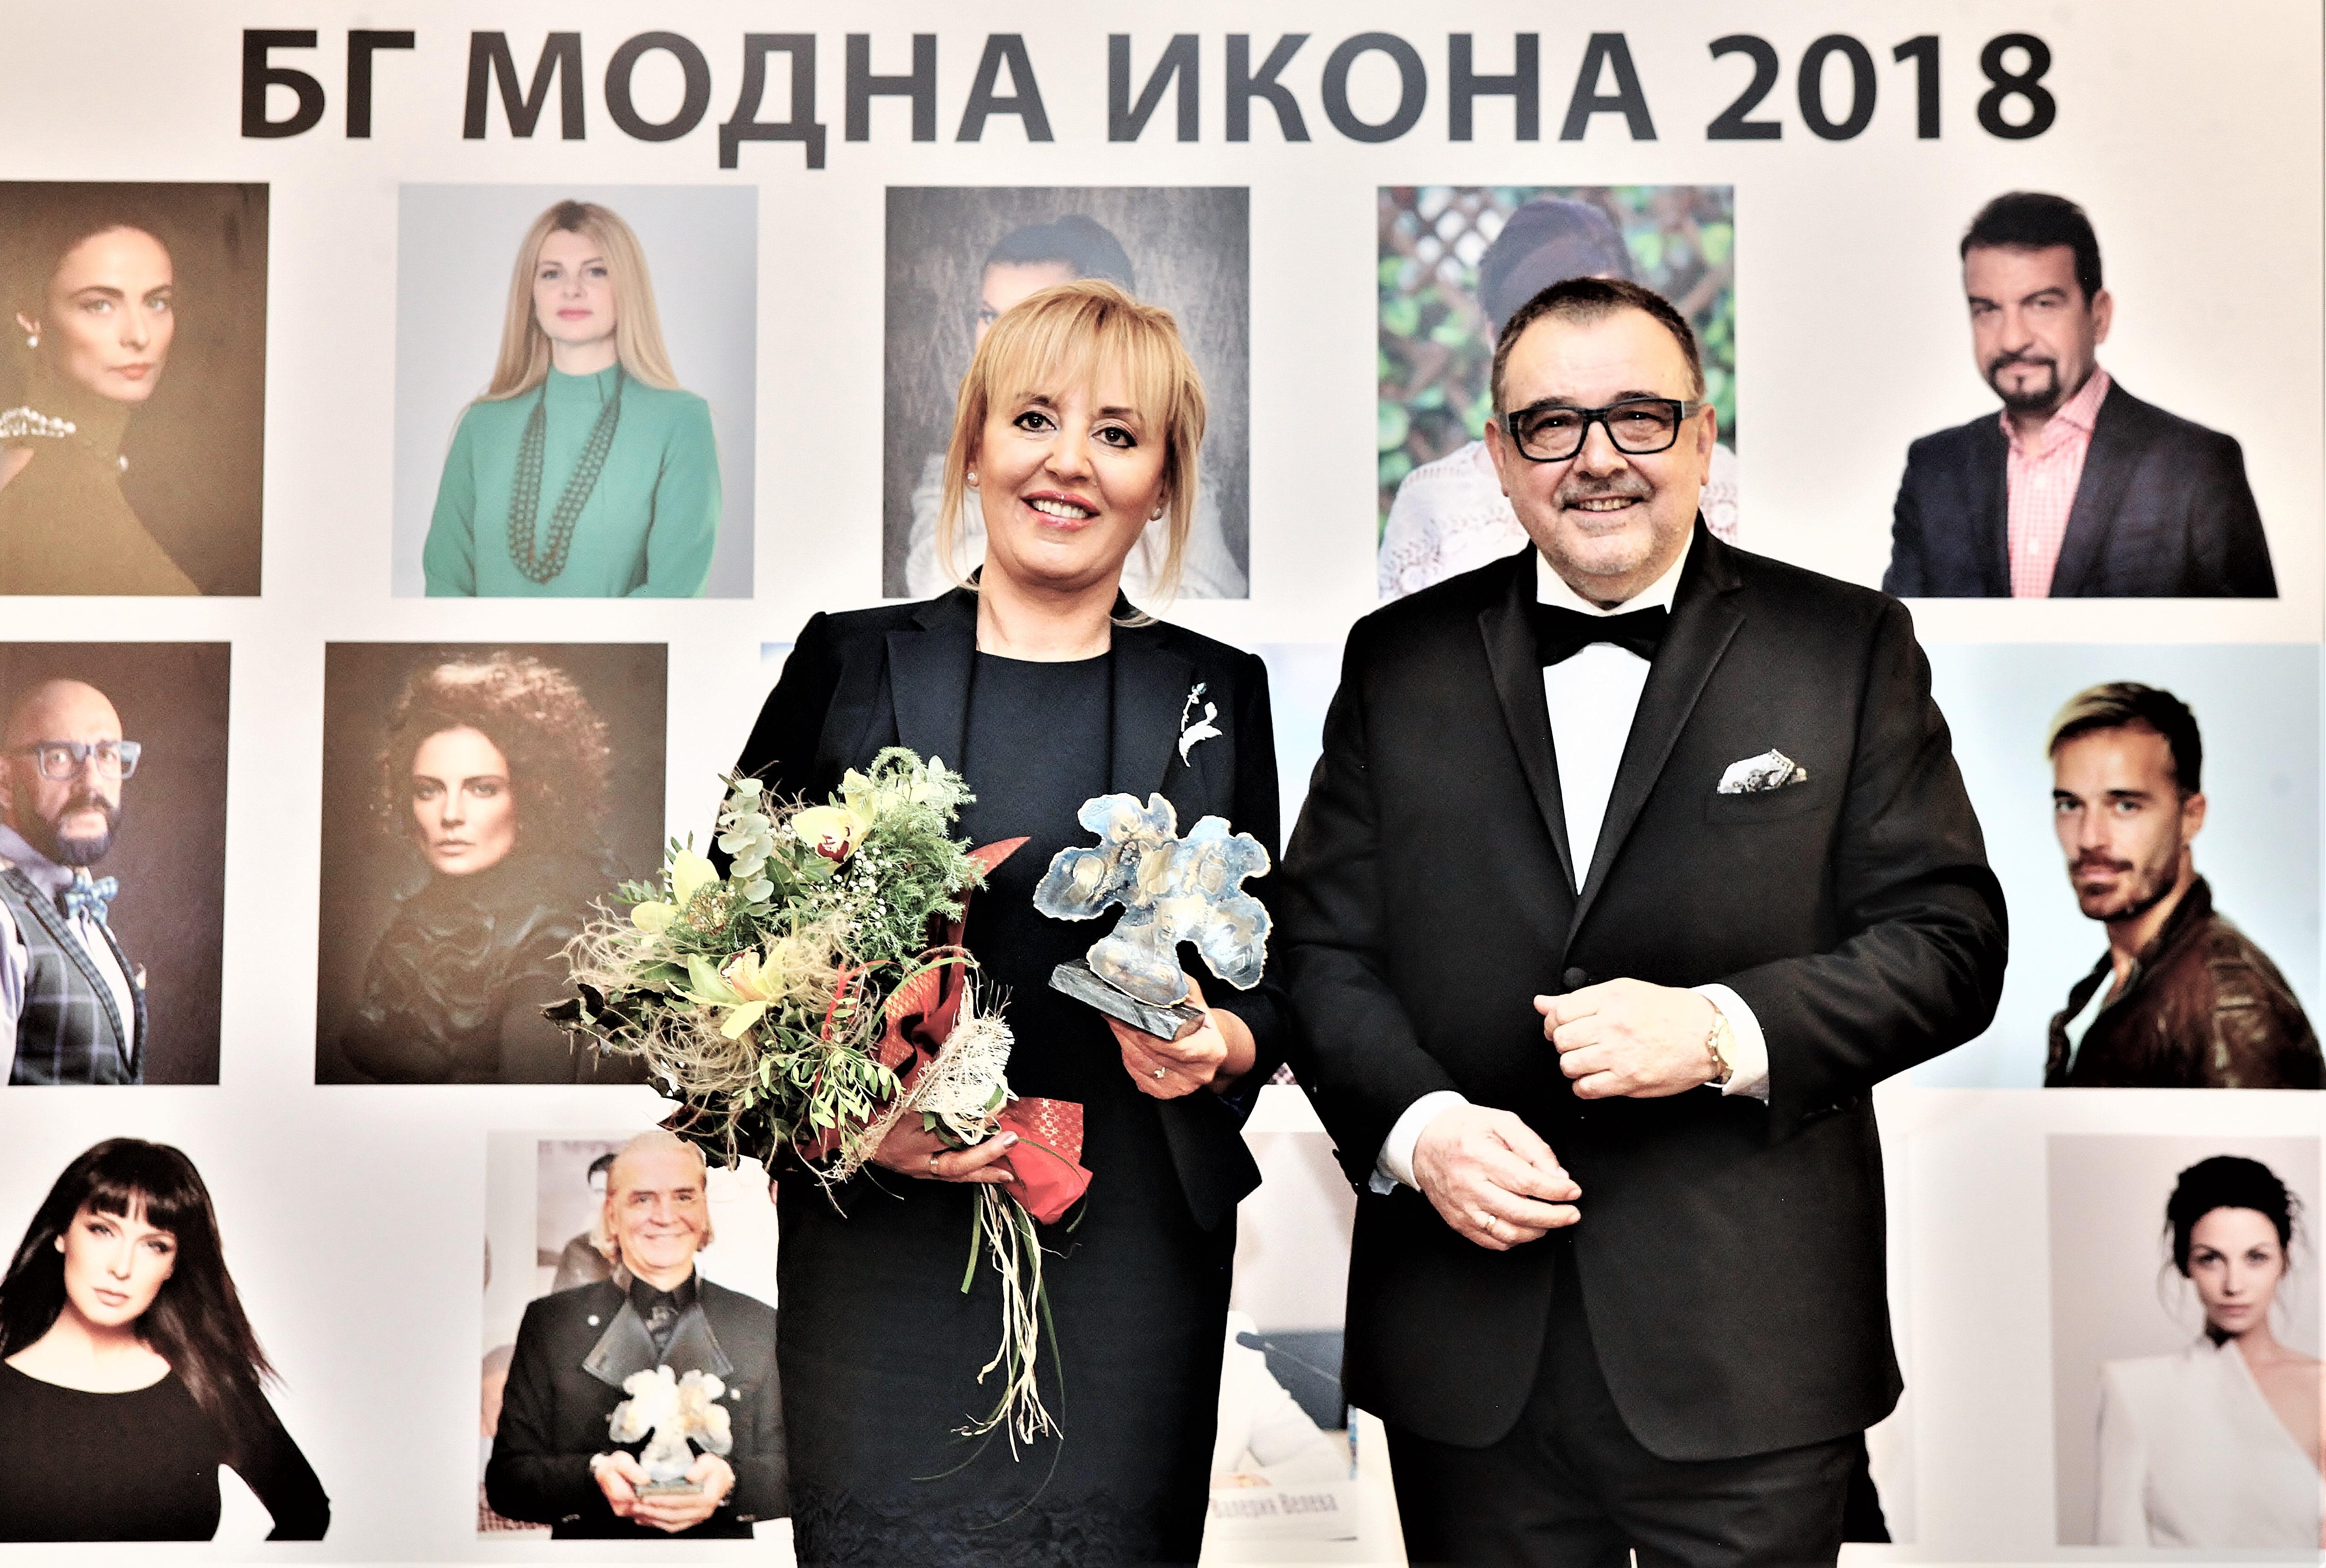 Мая Манолова, омбудсман на Република България, получи специална награда за най-стилен политик и общественик.